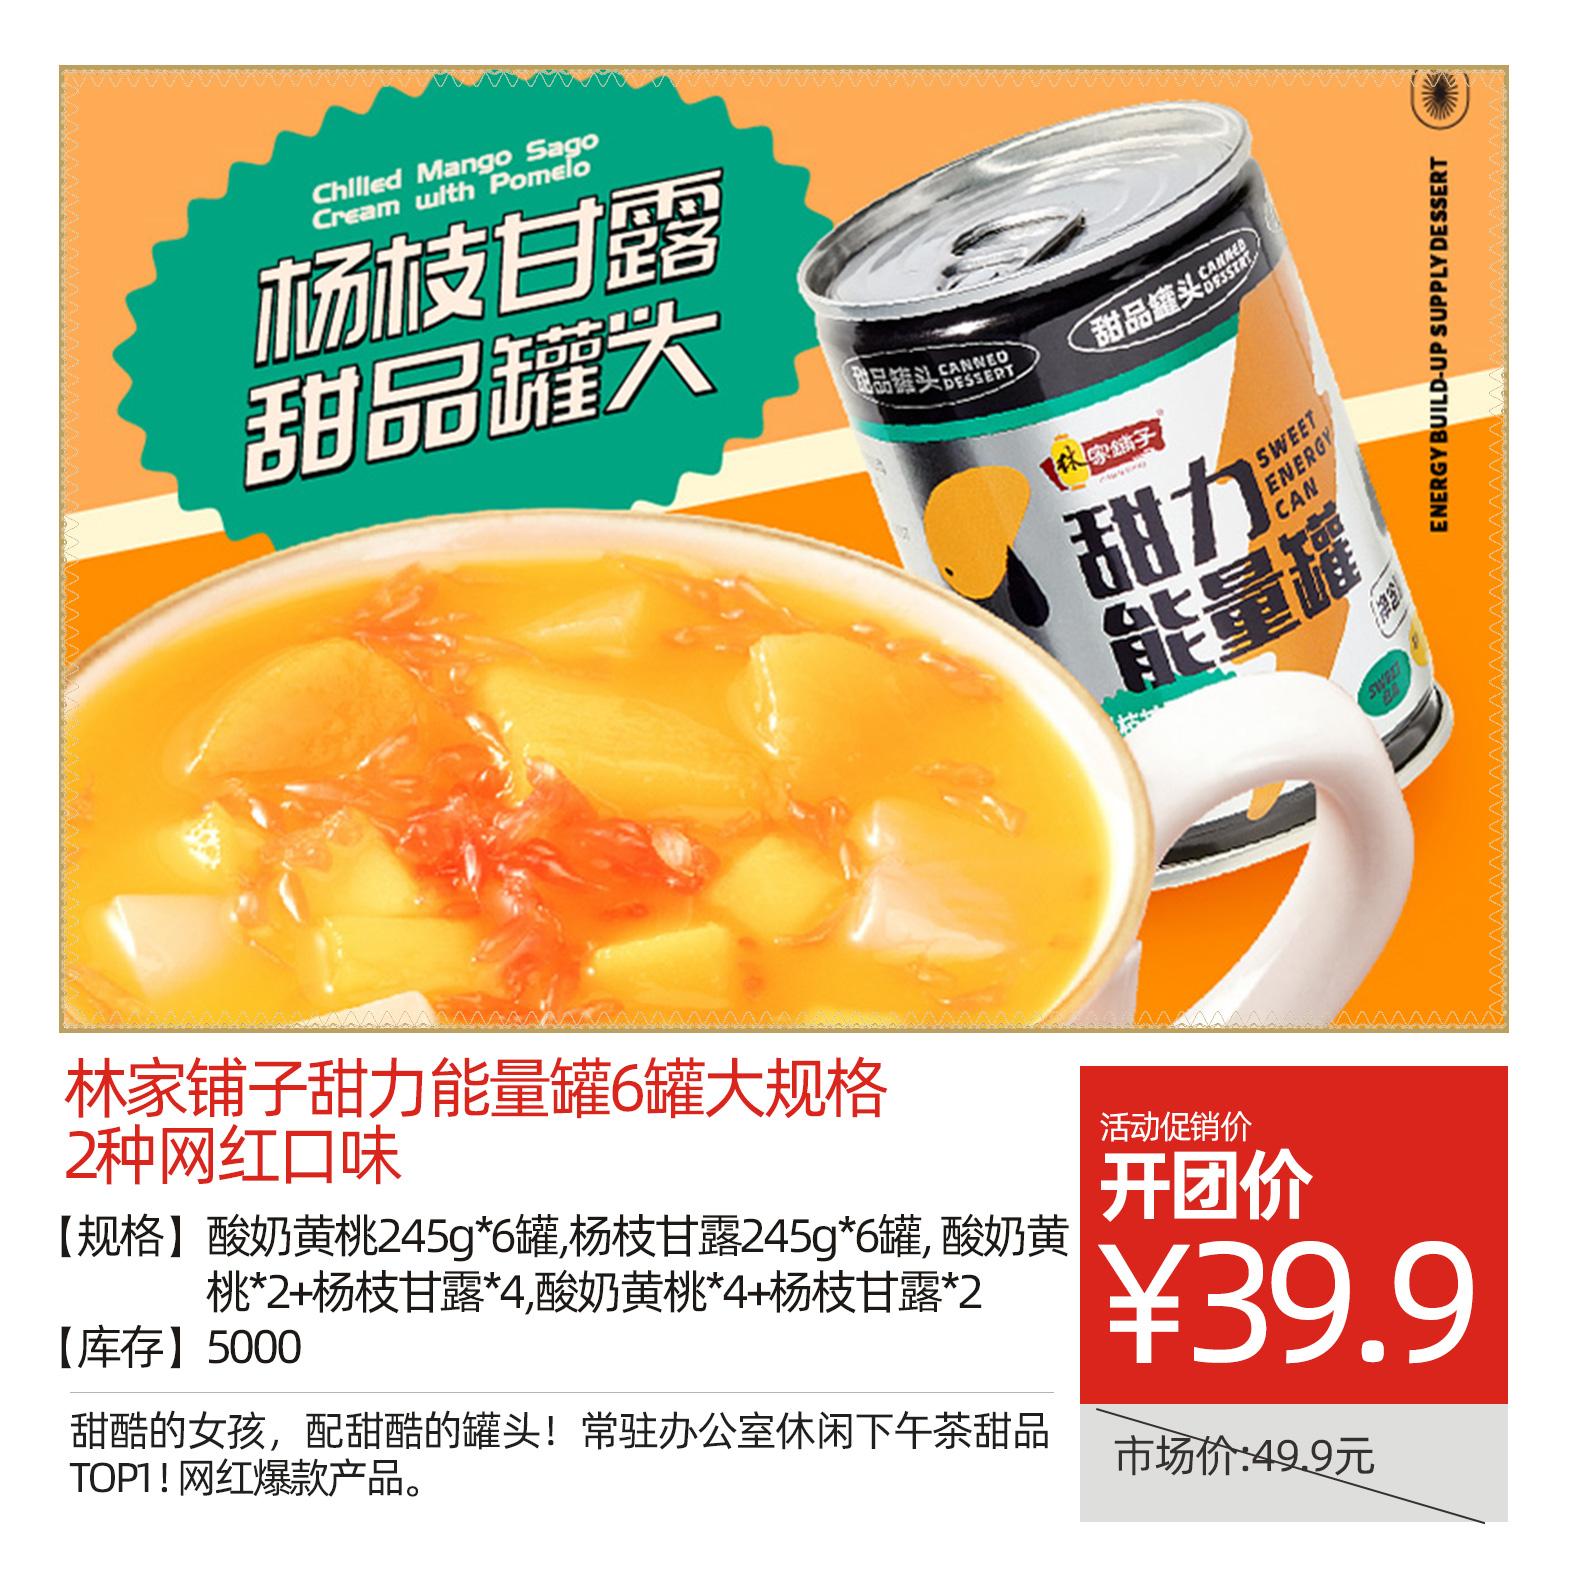 林家铺子甜力能量罐6罐大规格2种网红口味